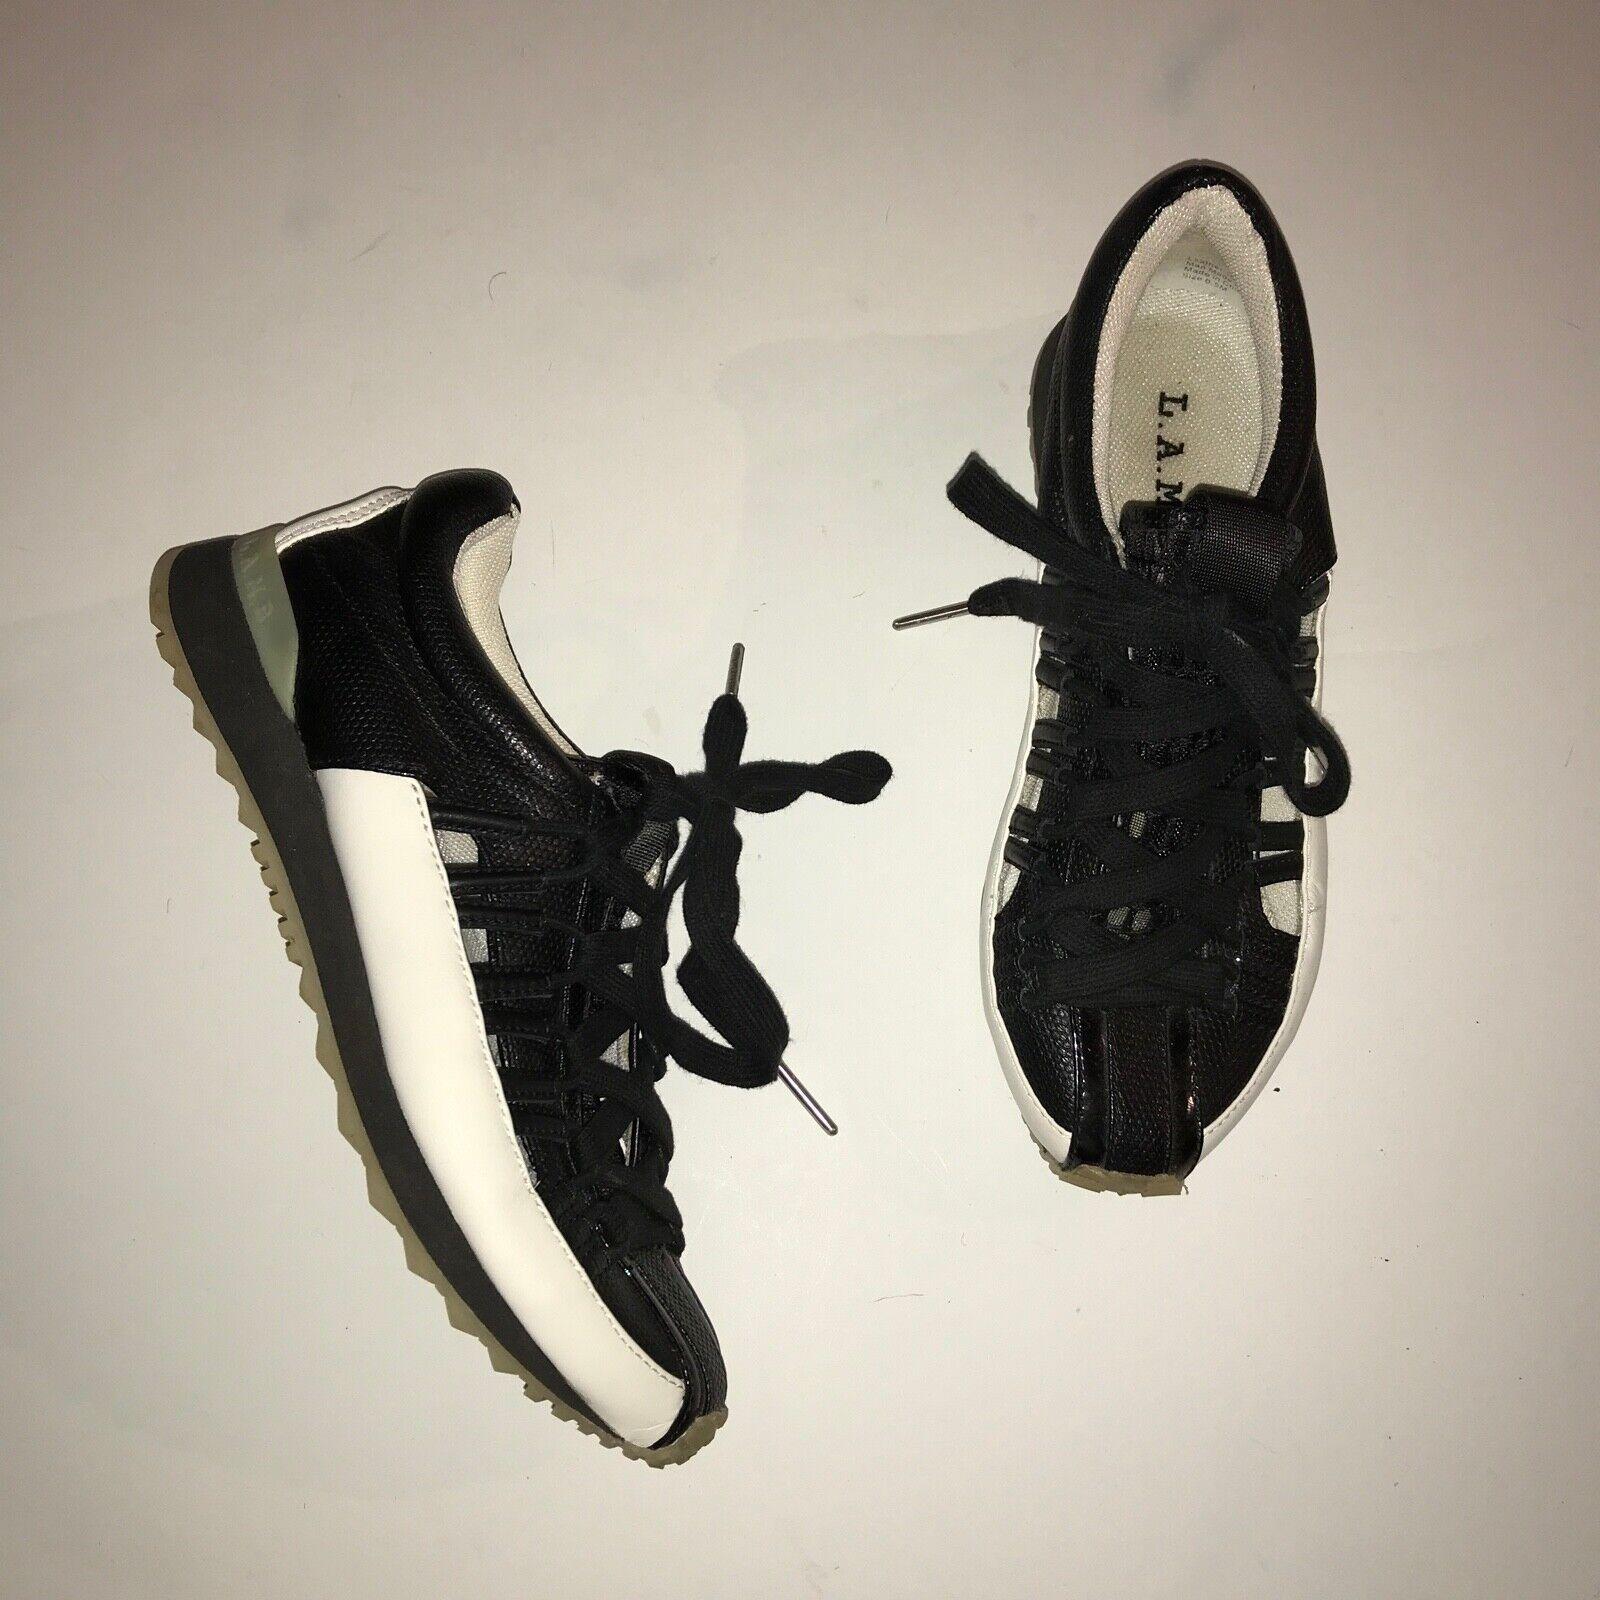 opciones a bajo precio L.A.M.B Bennie Para Mujeres Con Con Con Cordones Zapatos Tenis de Moda Negro Atlético Entrenadores  artículos novedosos